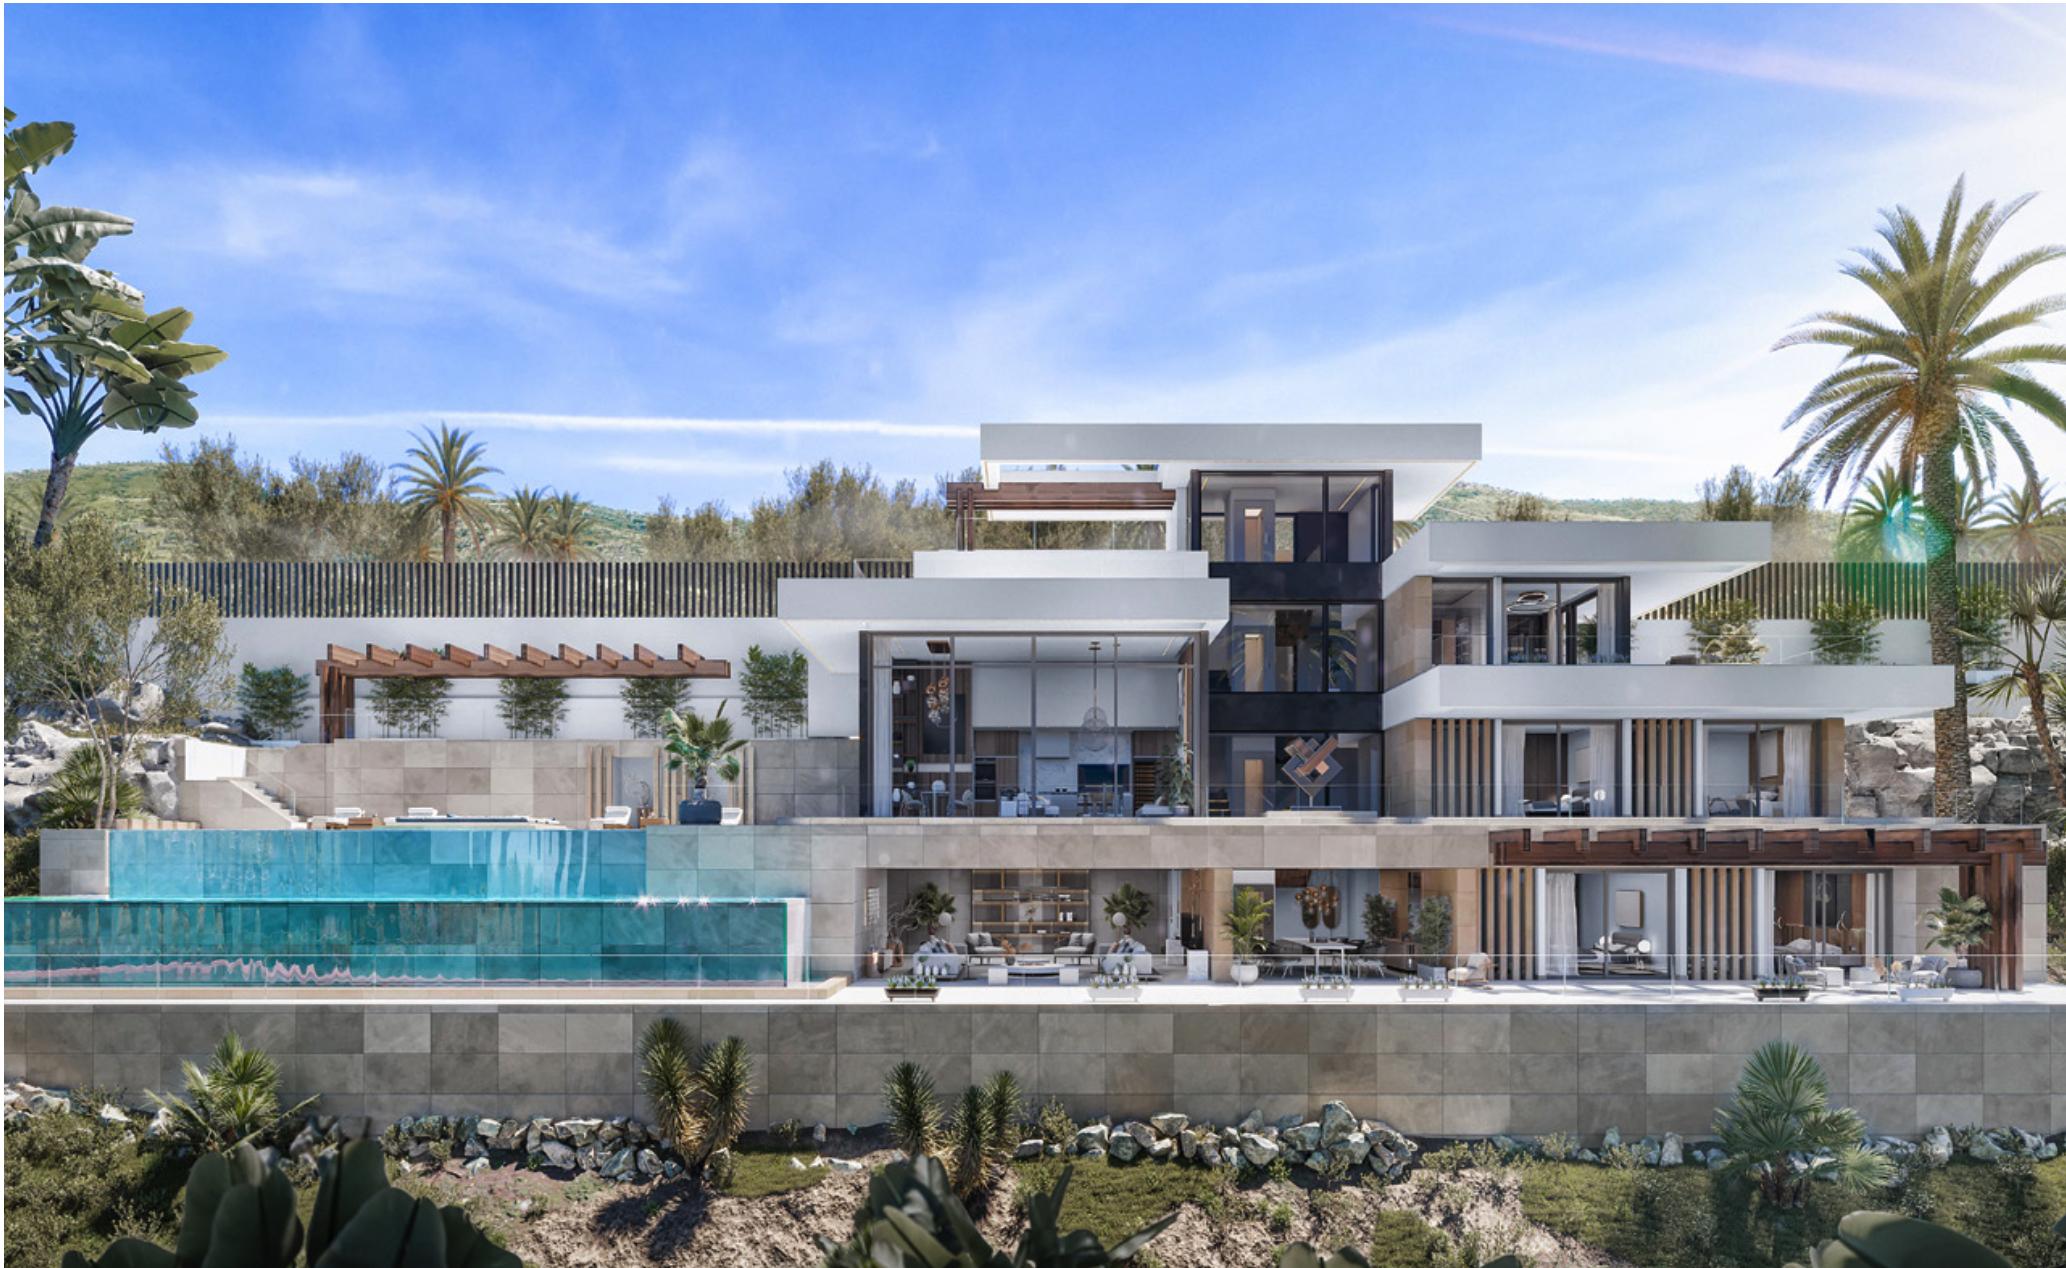 Ref:359-00182P Villa For Sale in Benahavis